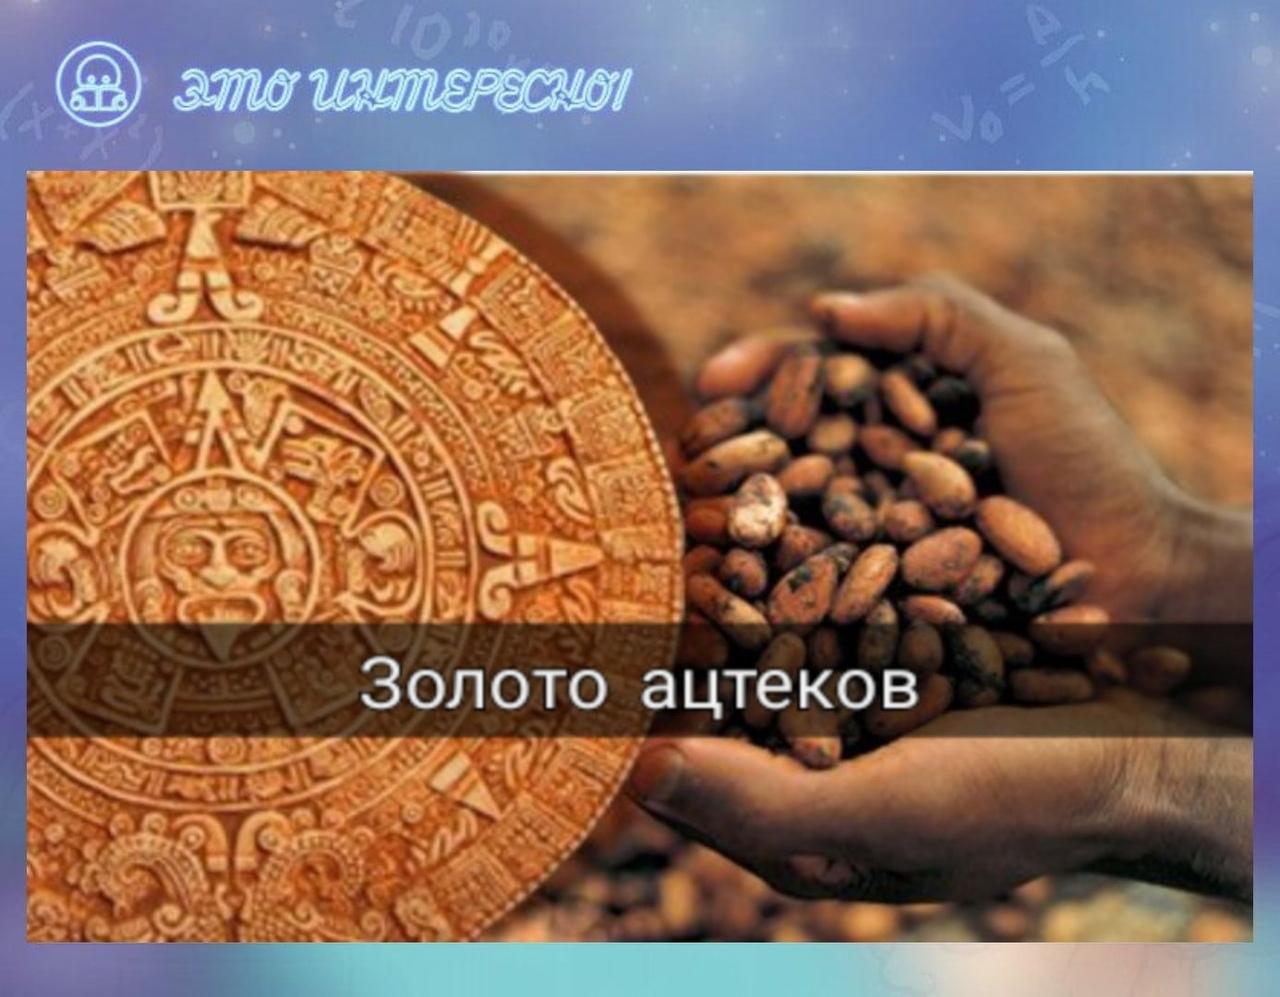 Ацтеки использовали в качестве денег бобы какао....